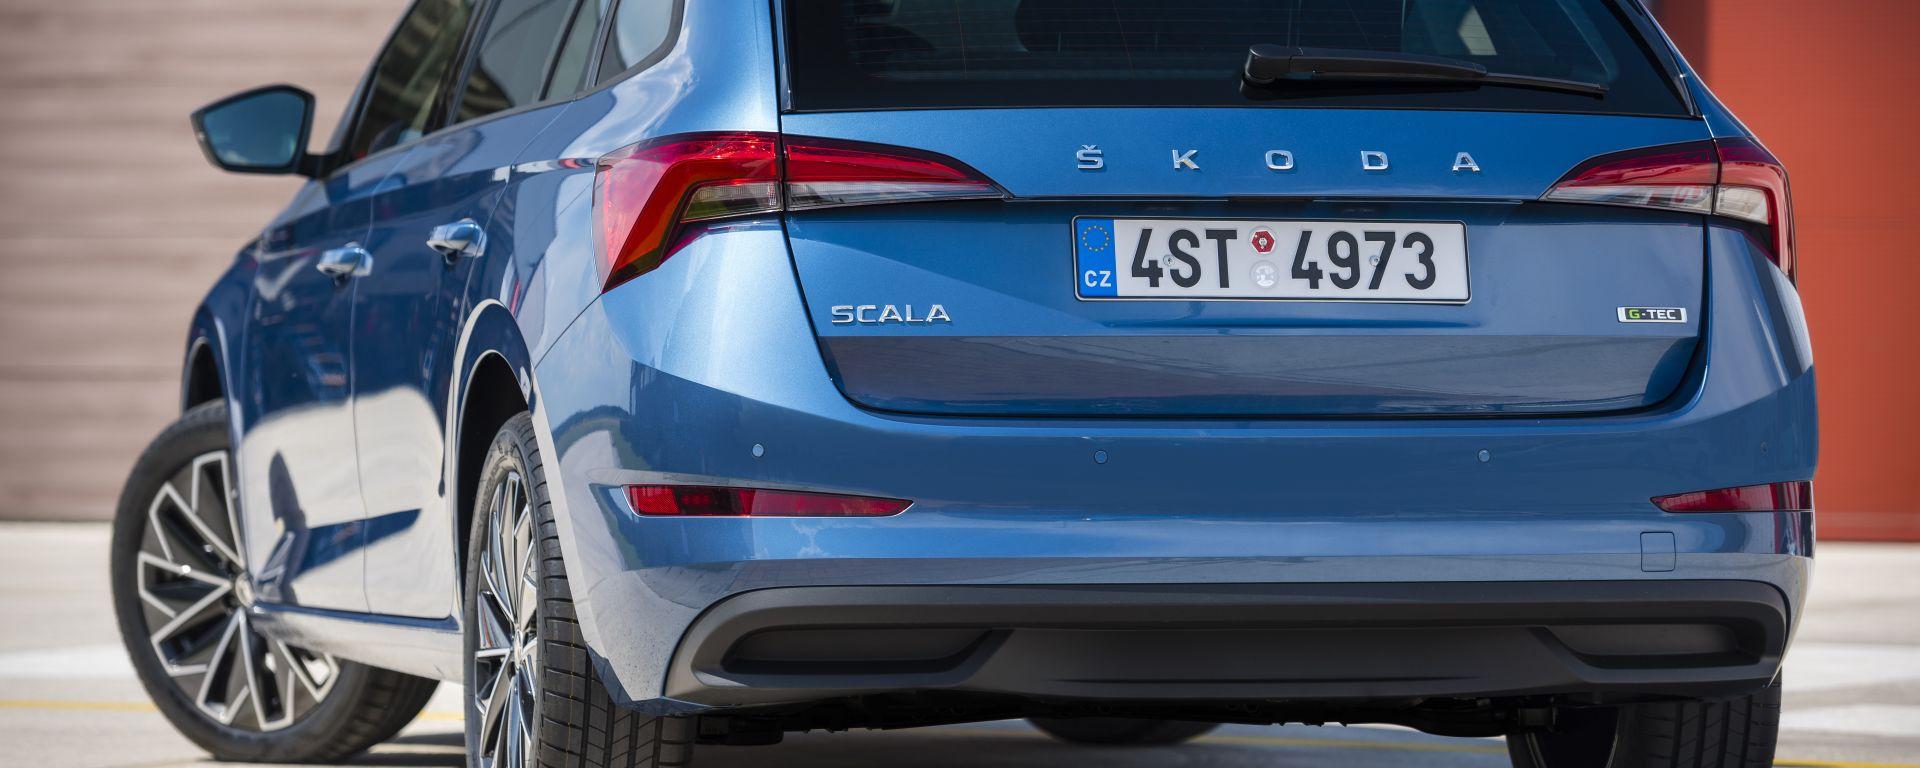 Skoda Scala G-Tec, in arrivo la versione a metano